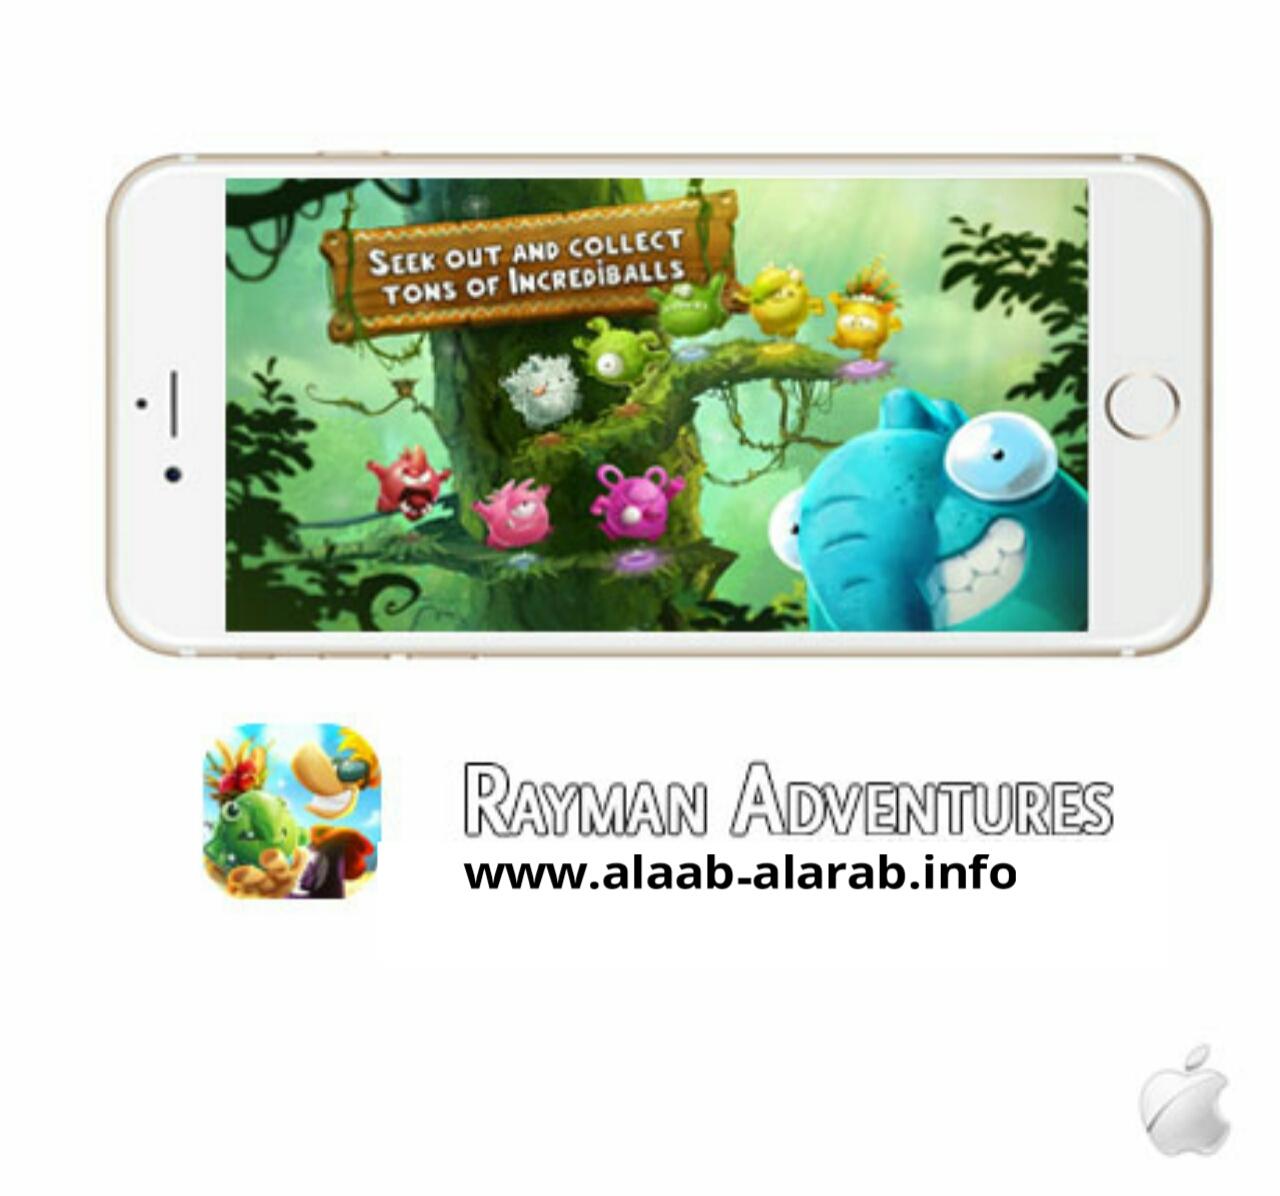 تحميل لعبة Rayman Adventures 1.6.2 لهواتف الأيفون